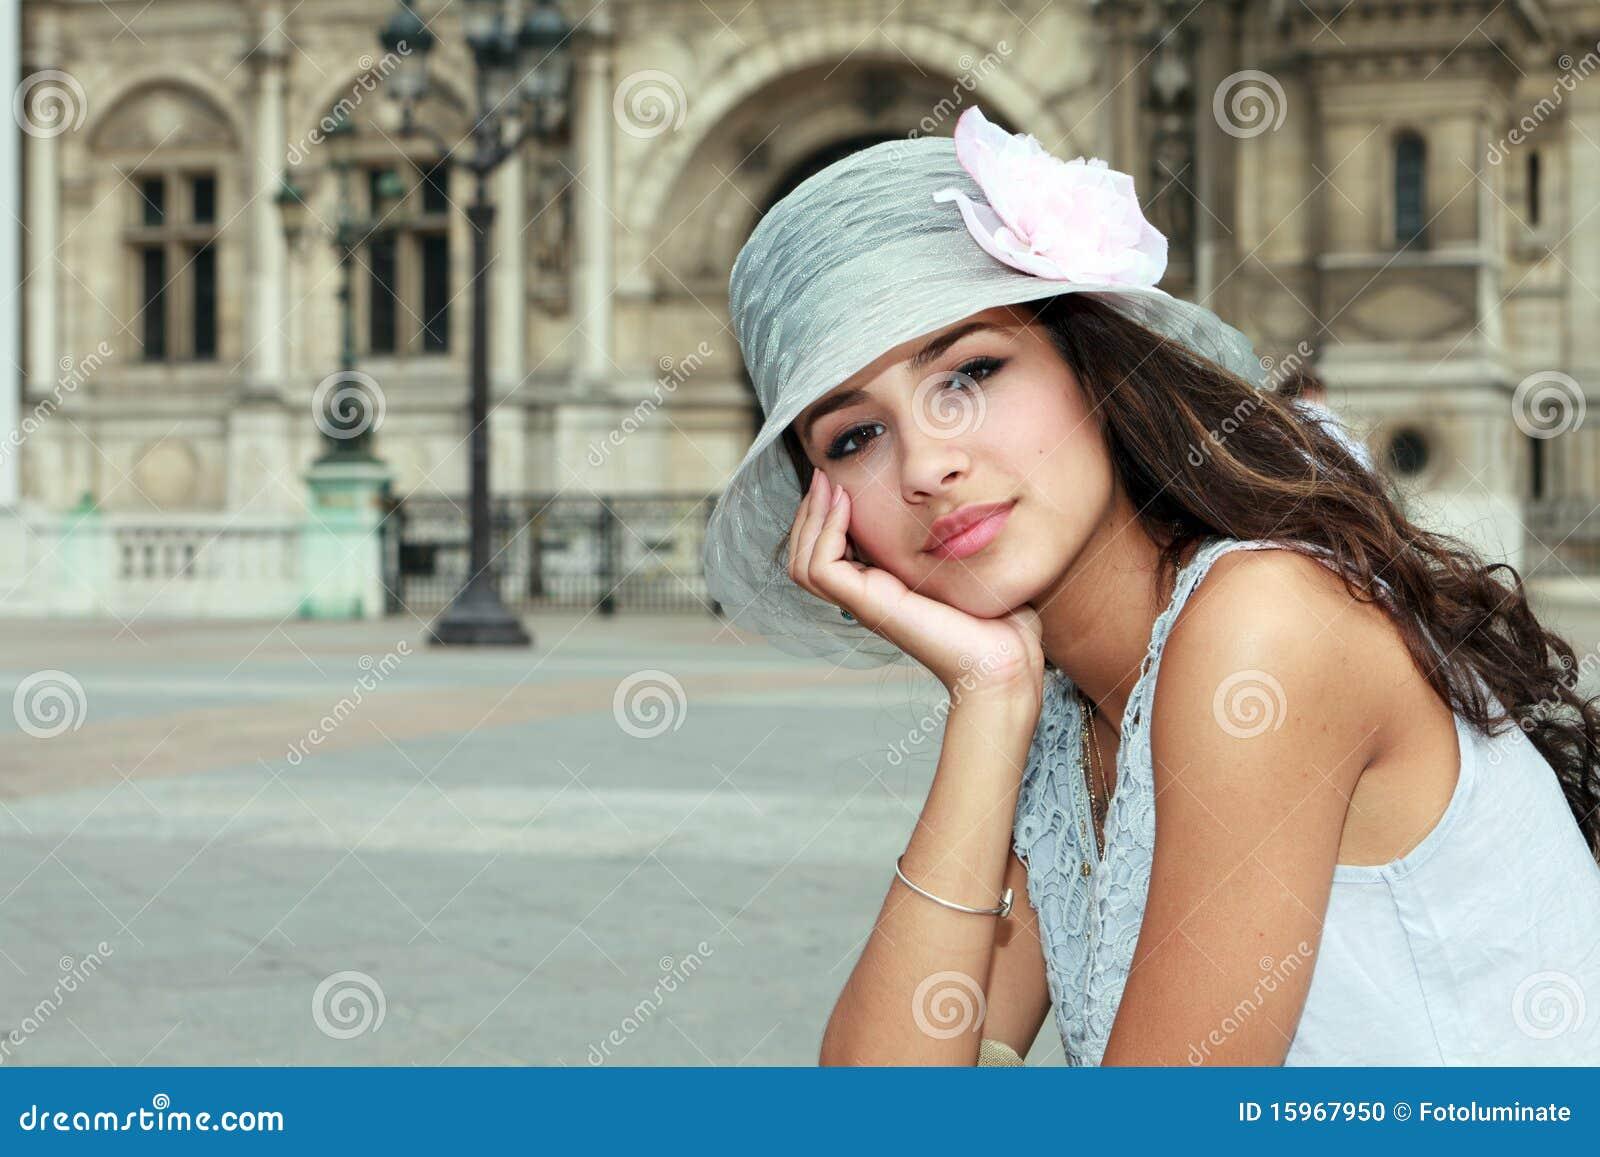 Французский девушки фото 19 фотография